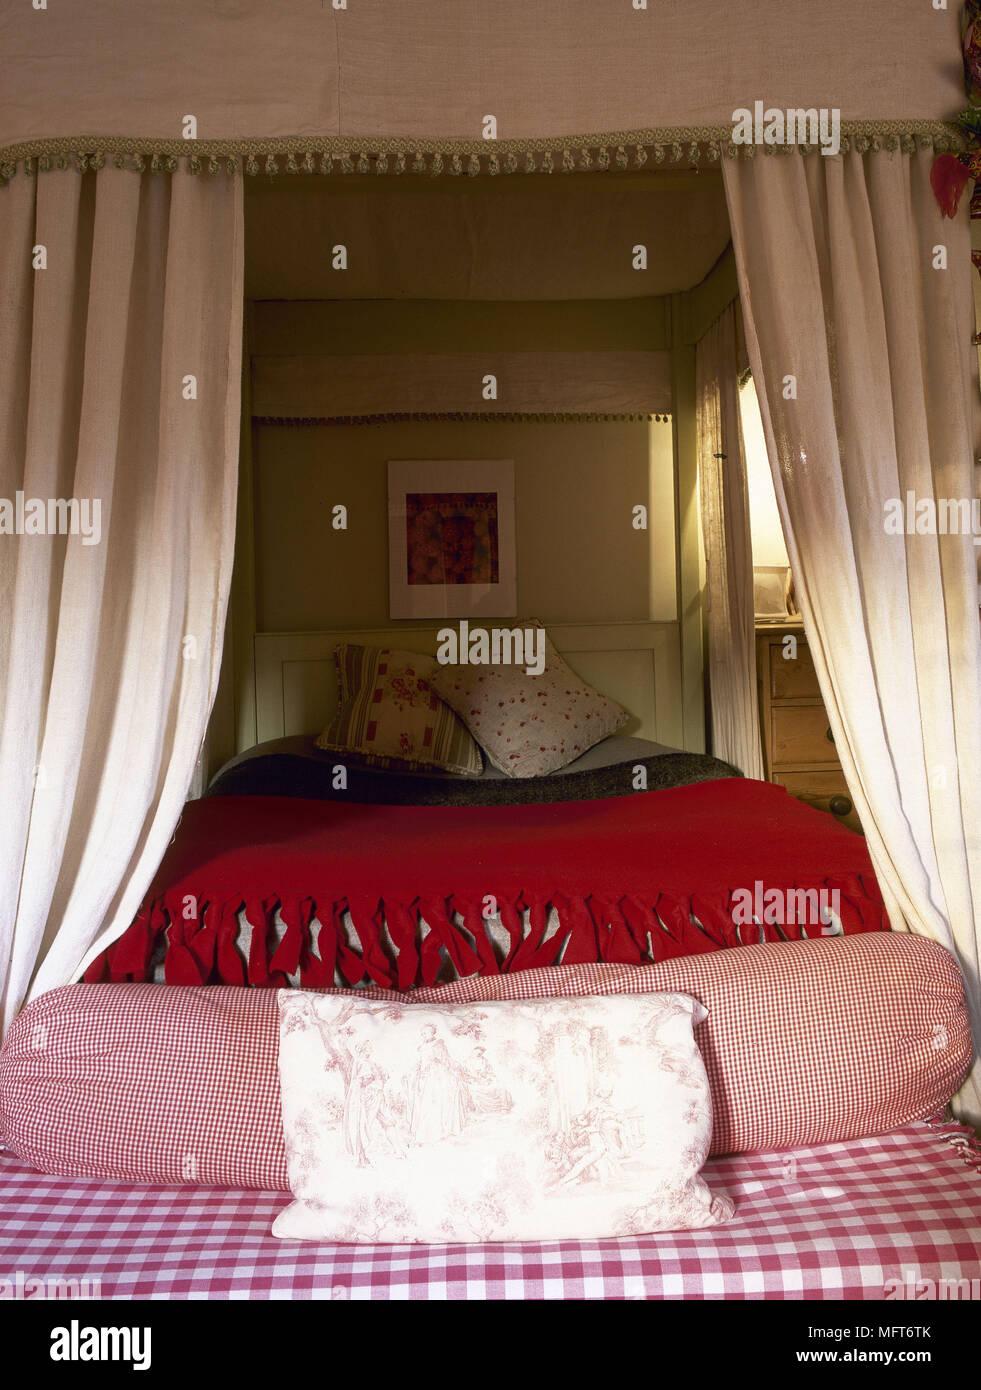 Camera da letto tradizionale dettaglio letto a baldacchino sipario ...